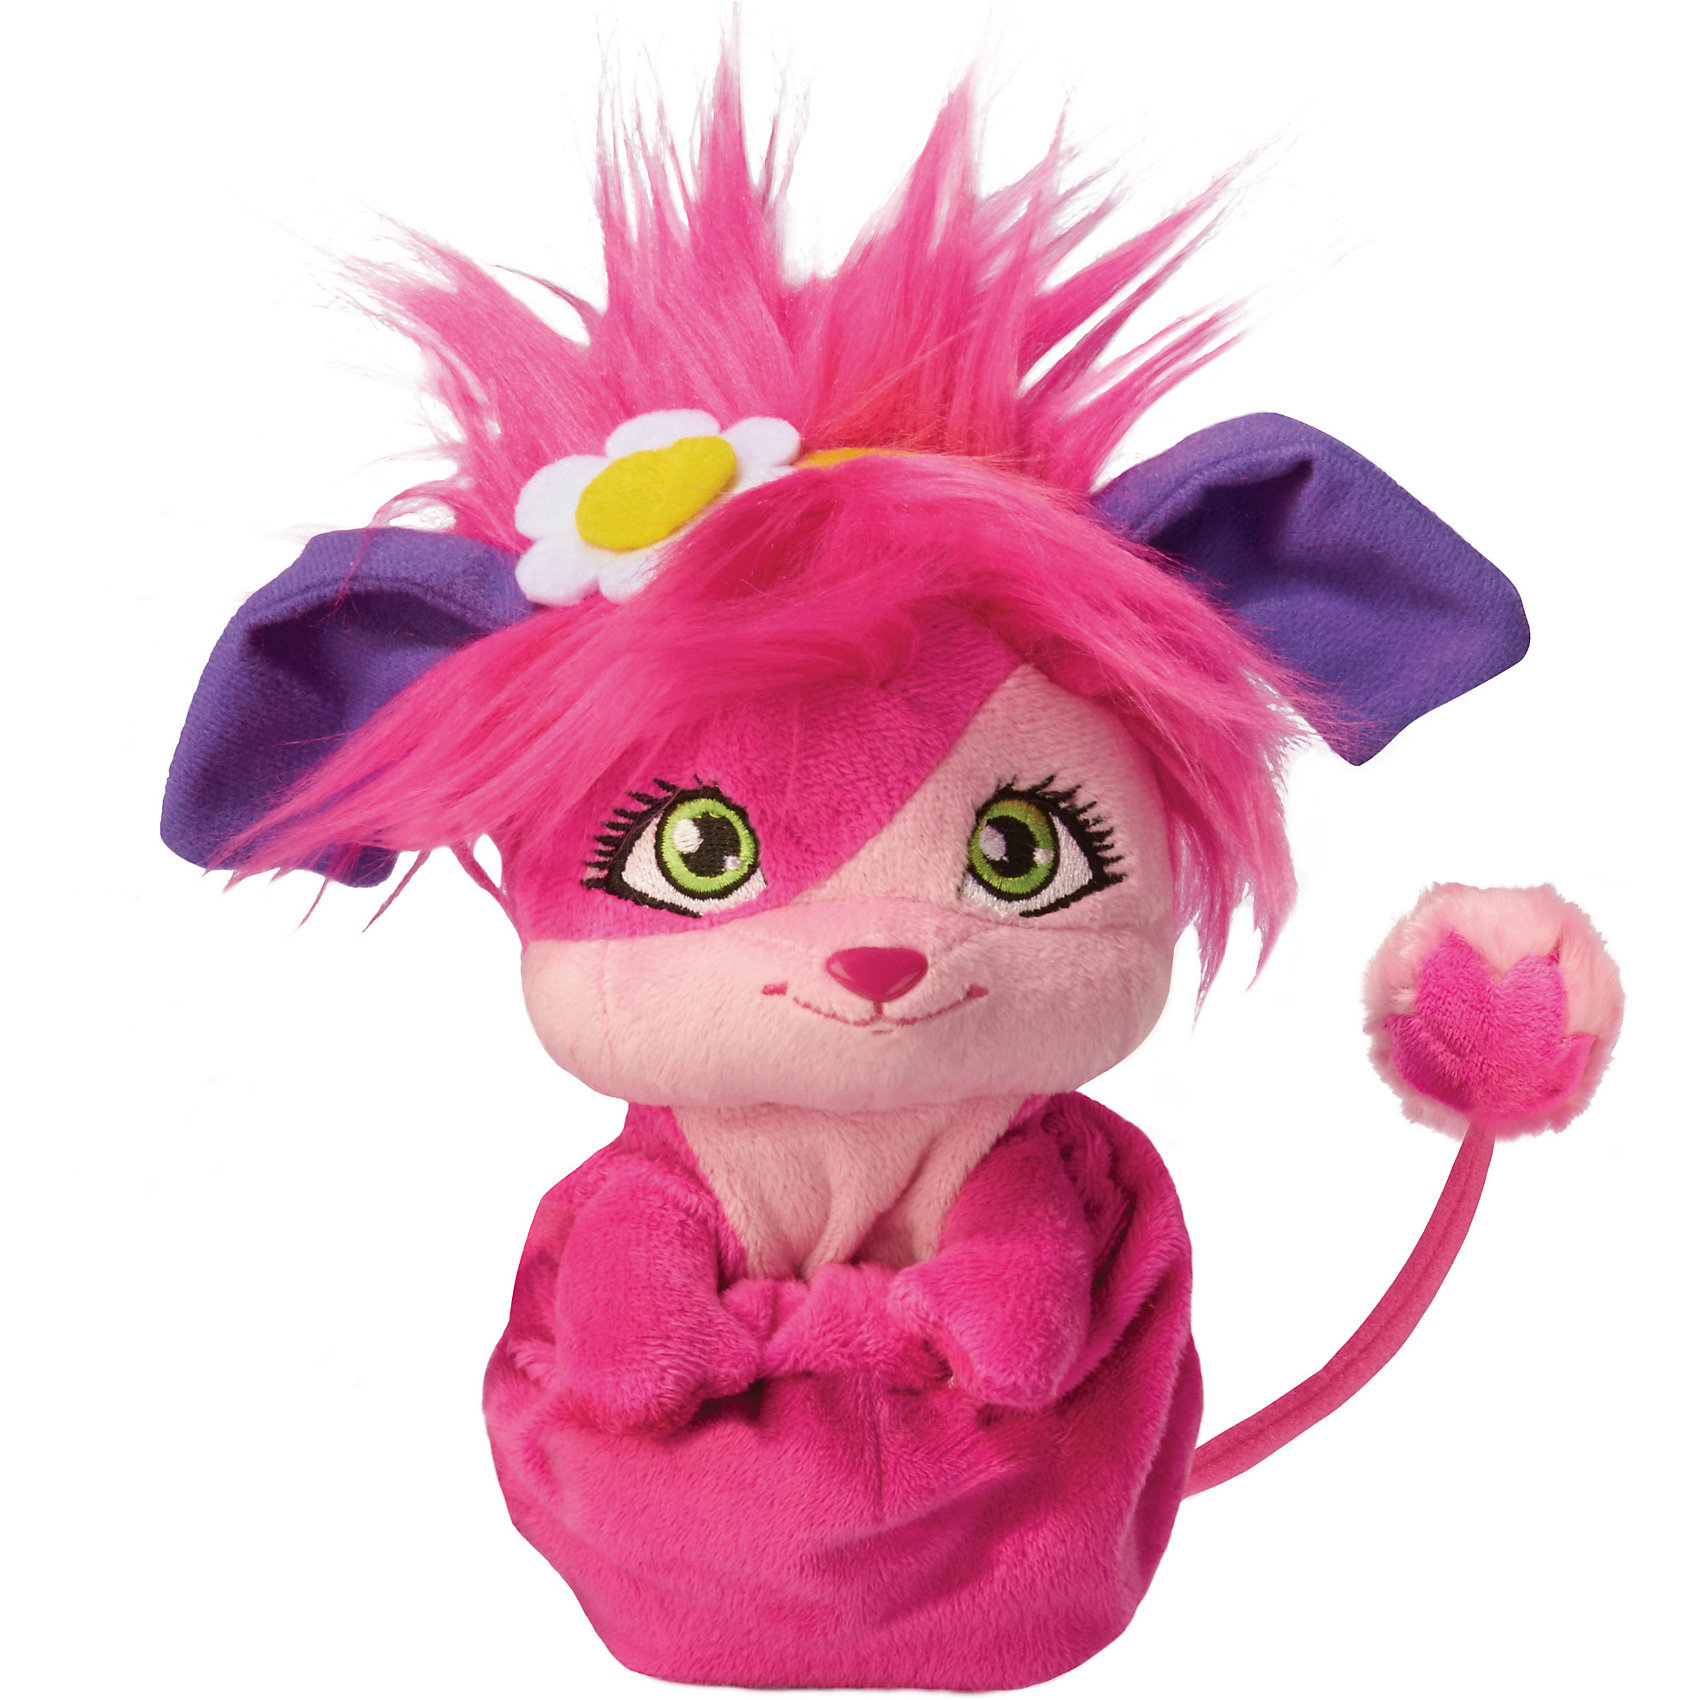 Мягкая игрушка Баблис, 20 см, сворачивается в шар, PopplesМягкая игрушка Баблис, 20 см, сворачивается в шар, Popples<br><br>Характеристика:<br><br>-Возраст: от 4 лет<br>-Для девочек <br>-Цвет: розовый <br>-Материал: плюш<br>-Размер: 20 см<br>-Марка: Popples<br><br>Мягкая игрушка Popples - это уникальная мягкая игрушка для детей. Игрушка по имени Баблис яркая и веселая. Самое интересное то, что она имеет небольшой кармашек, что позволяет превратить игрушку в небольшой шар. Благодаря этому ее легко брать на прогулку или в путешествие.<br><br>Мягкая игрушка Баблис, 20 см, сворачивается в шар, Popples можно приобрести в нашем интернет-магазине.<br><br>Ширина мм: 80<br>Глубина мм: 230<br>Высота мм: 100<br>Вес г: 310<br>Возраст от месяцев: 36<br>Возраст до месяцев: 2147483647<br>Пол: Женский<br>Возраст: Детский<br>SKU: 5301636